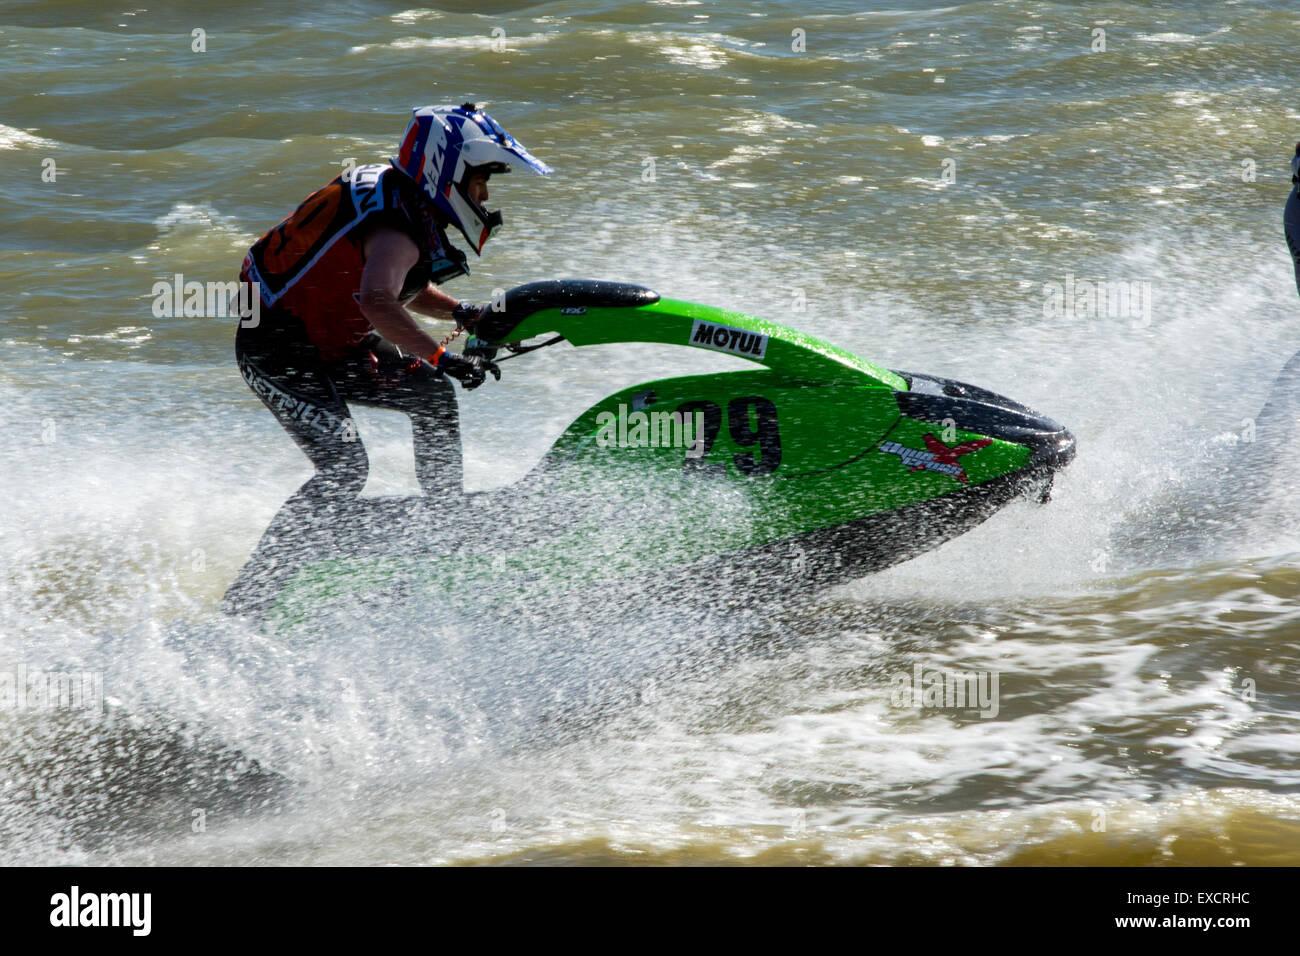 Le Hampshire, au Royaume-Uni. 11 juillet, 2015. Les cavaliers de jetski dans AquaX course 2 de la P1 le 11/07/2015 Photo Stock